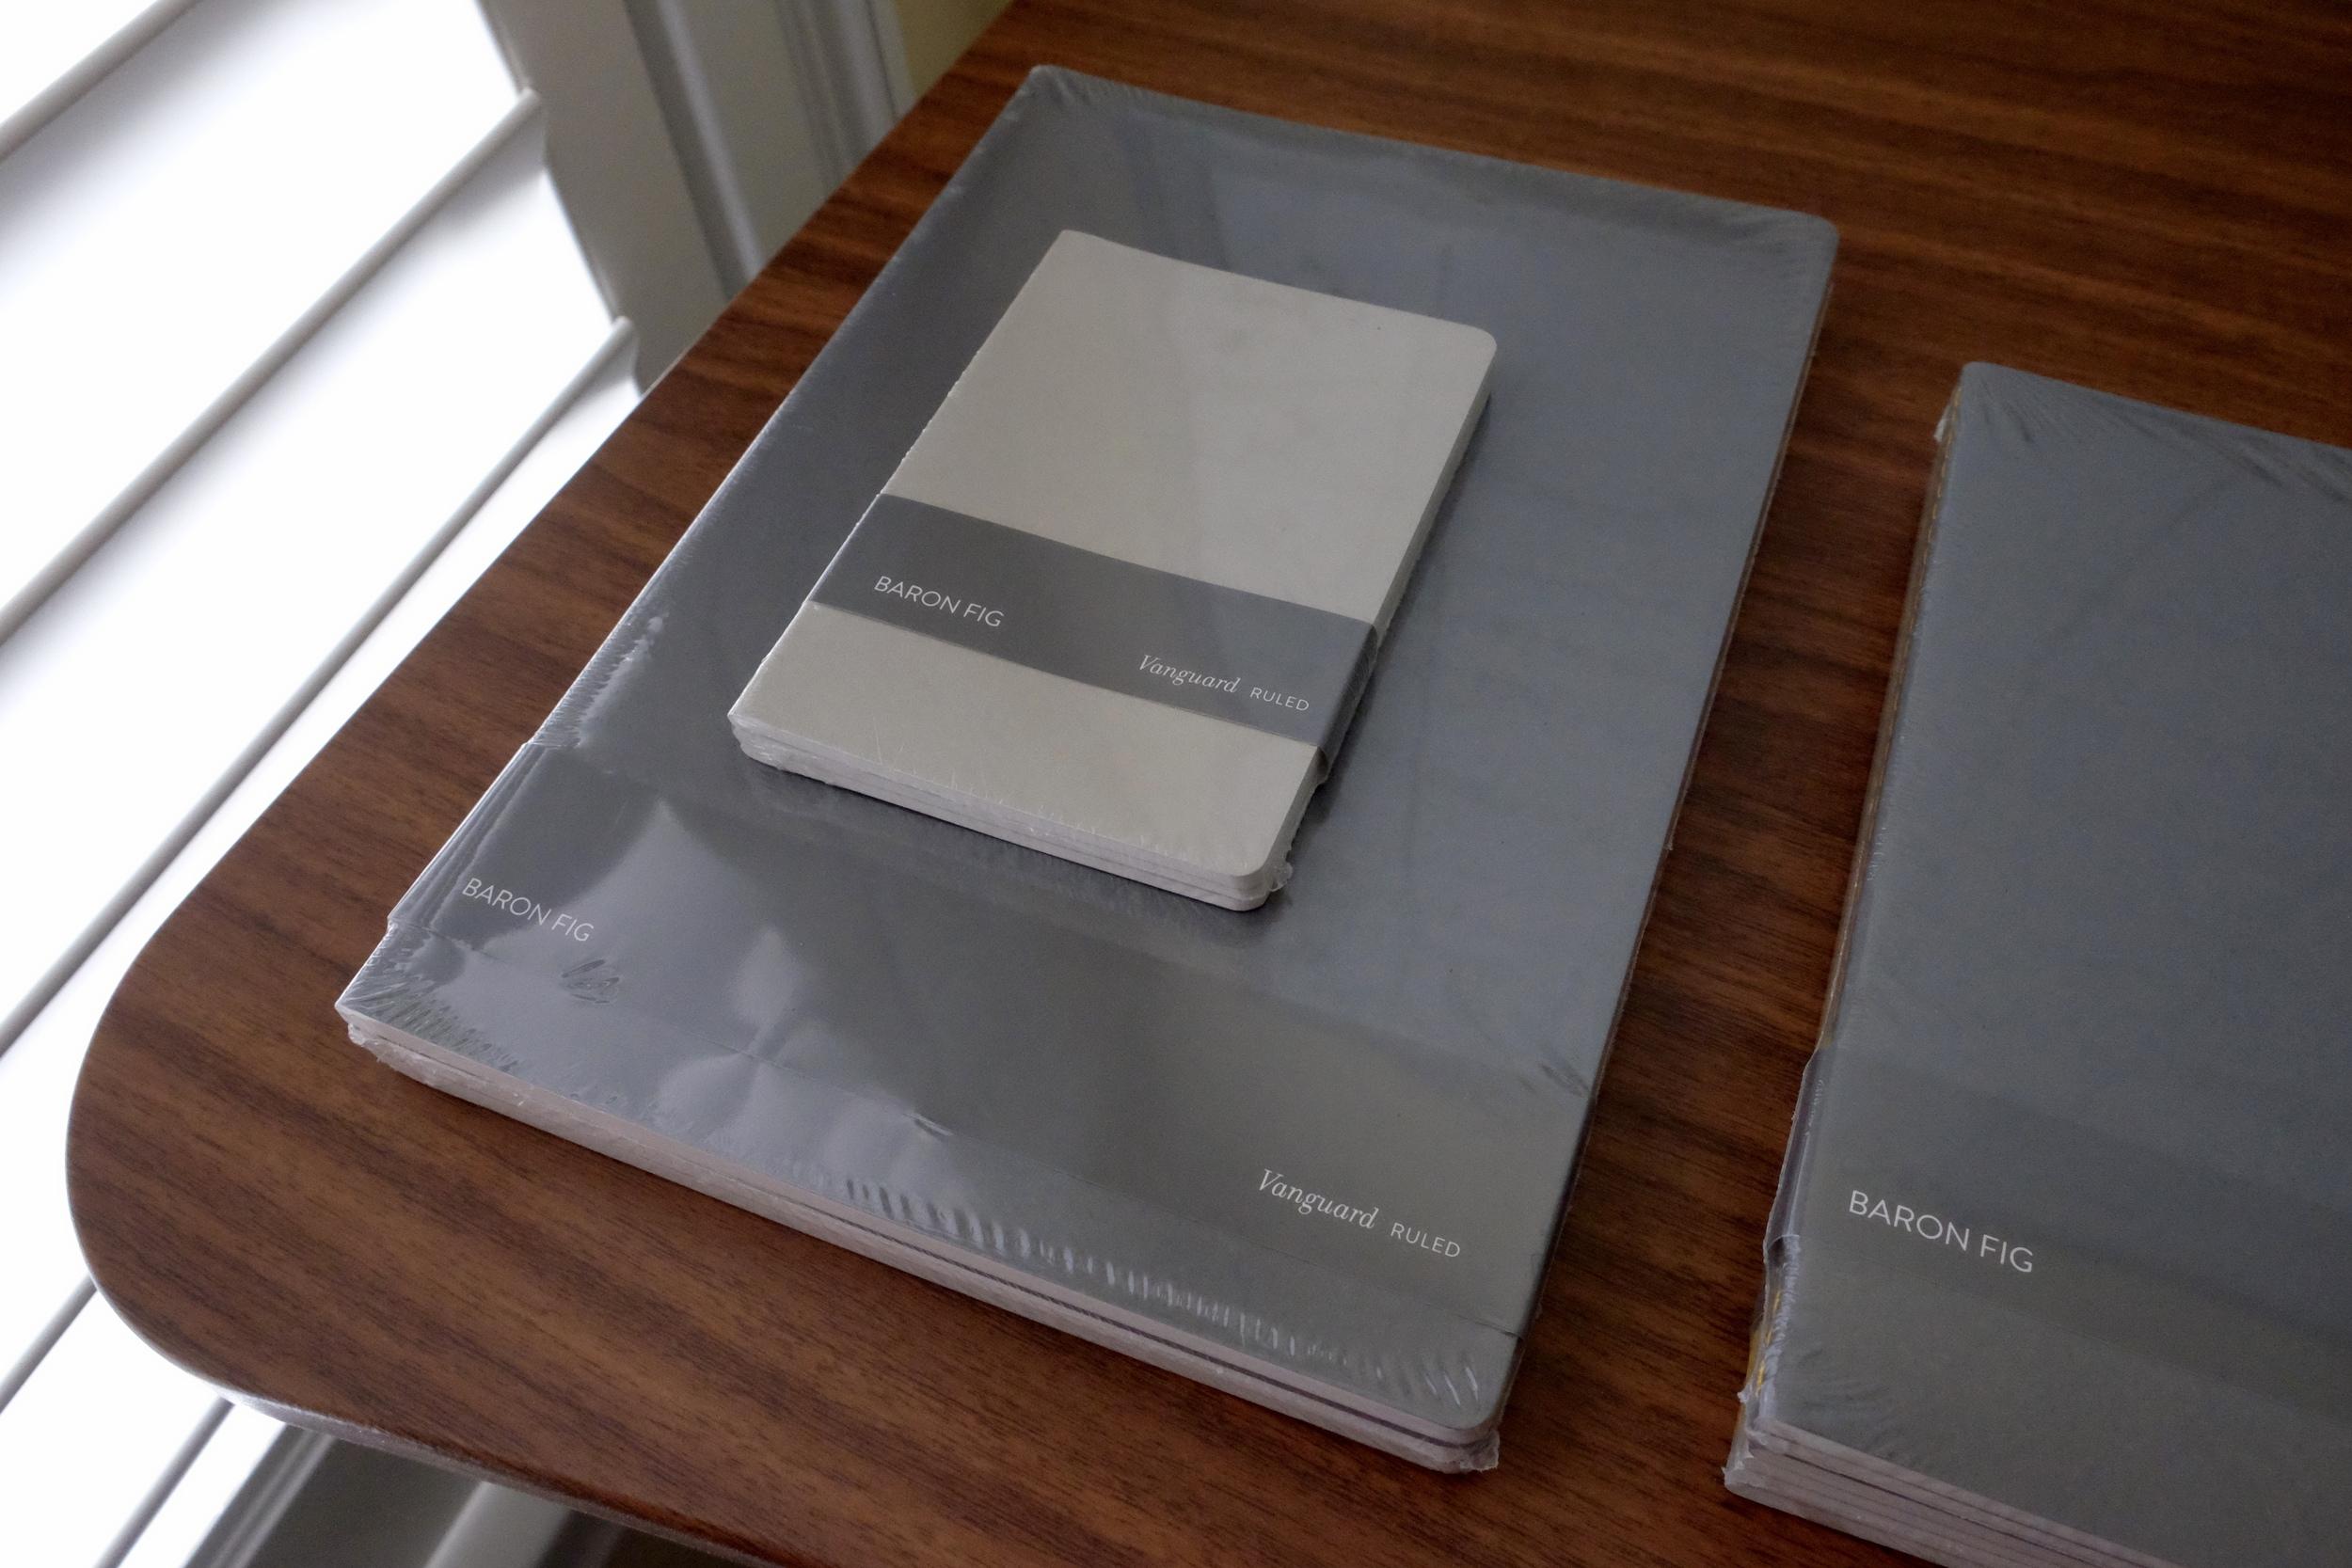 A size comparison of the Pocket-size Vanguard vs. the Plus-size Vanguard.